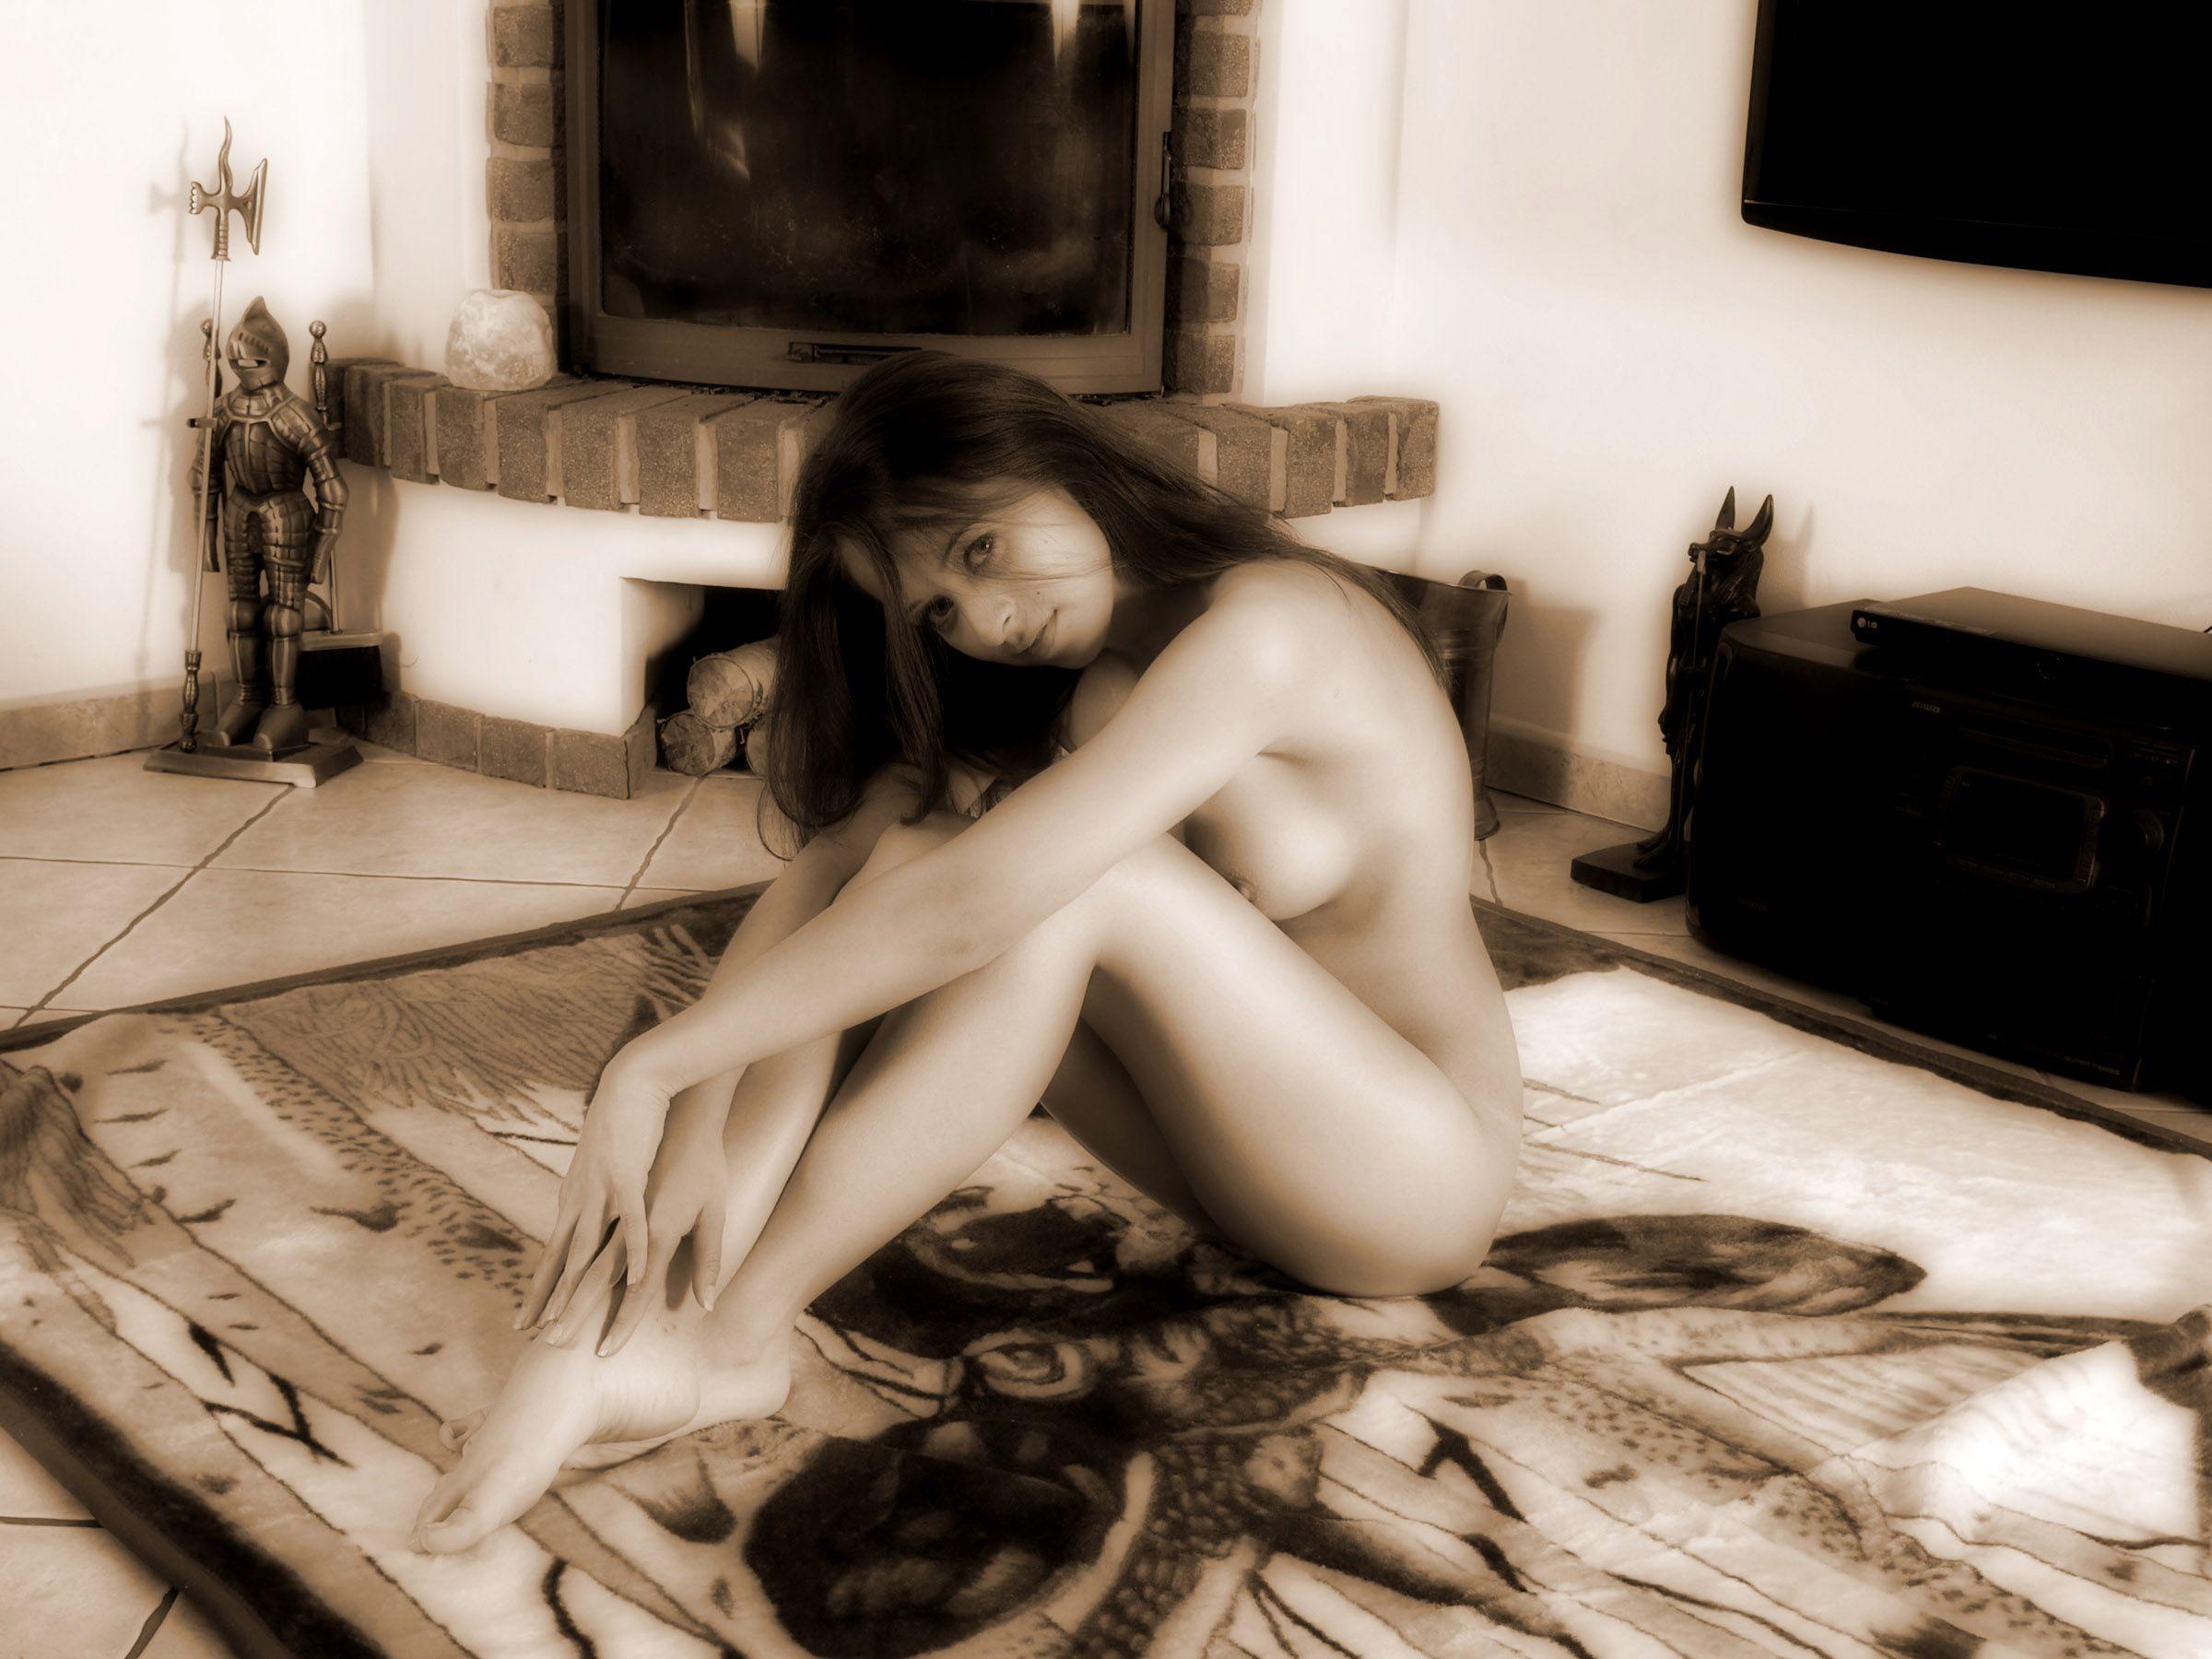 Afghan Nude Model Nazya  Charles Hollander Nudes  Nude -2929